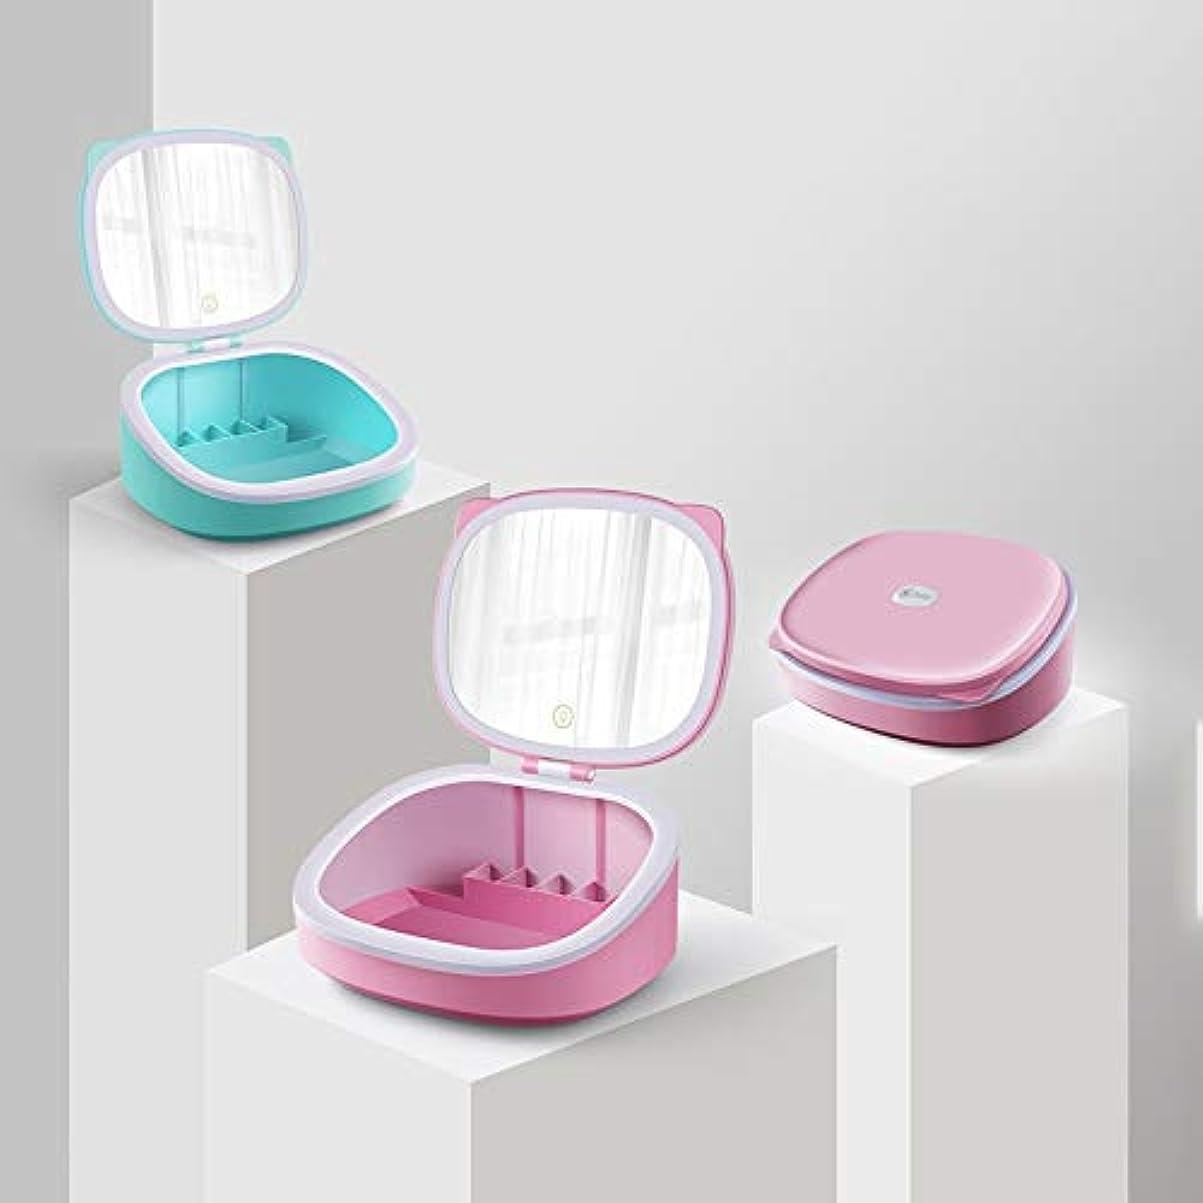 特異性効果的にクリエイティブ流行の LEDライト化粧鏡収納猫美容鏡卓上鏡多機能光ABSピンクブルーを調整することができます (色 : Pink)